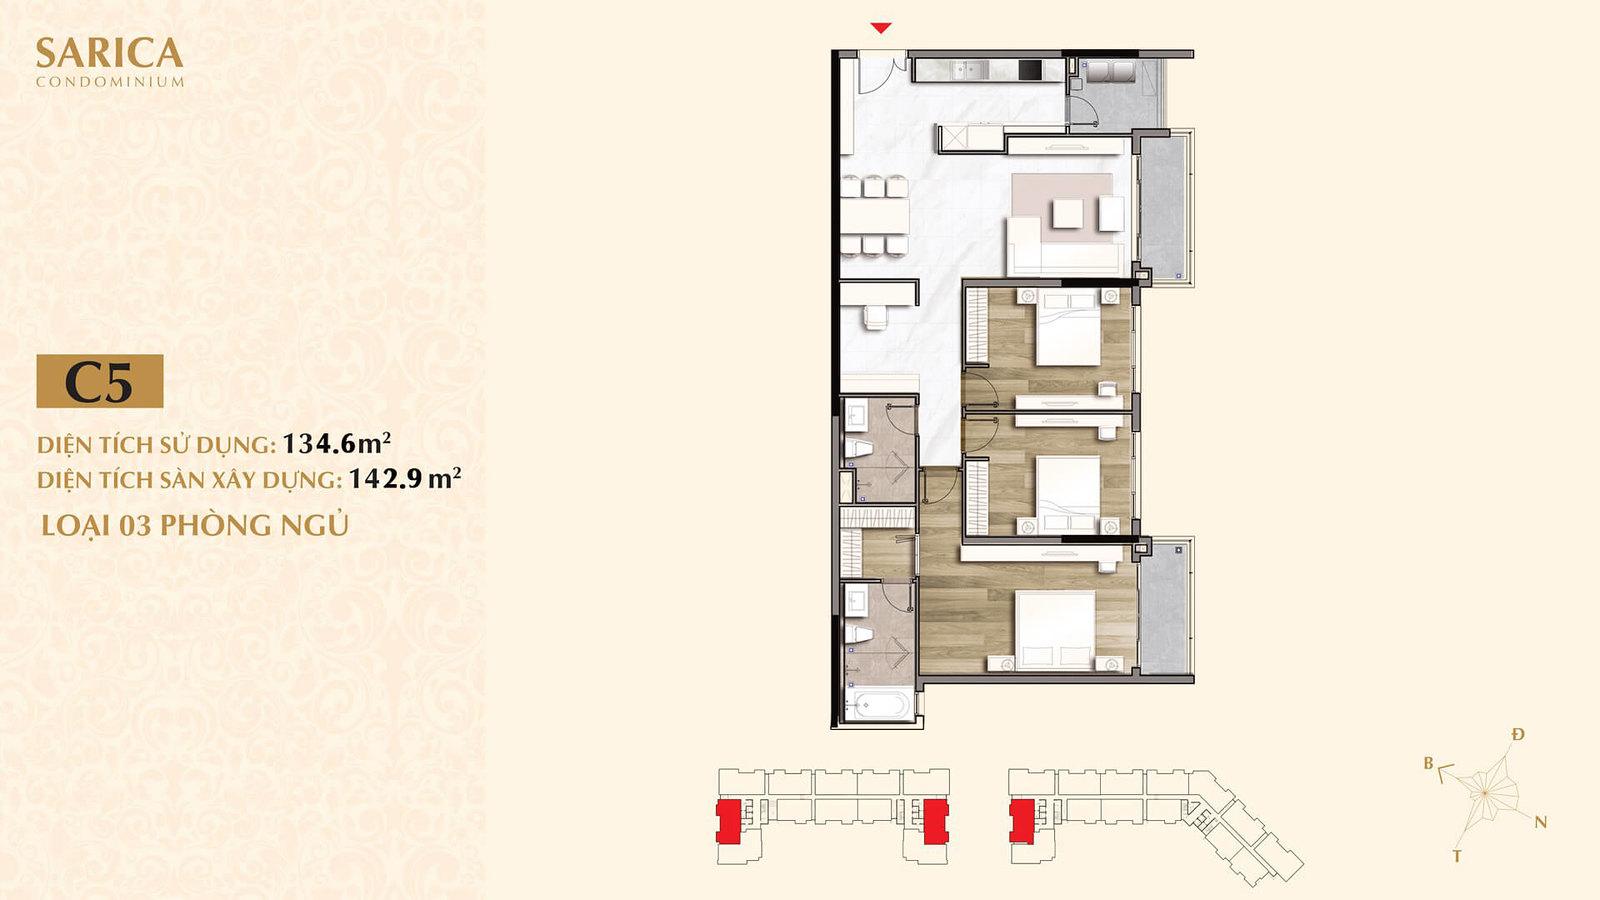 Căn hộ với thiết kế 2 balcony rất đẹp và vuông vức